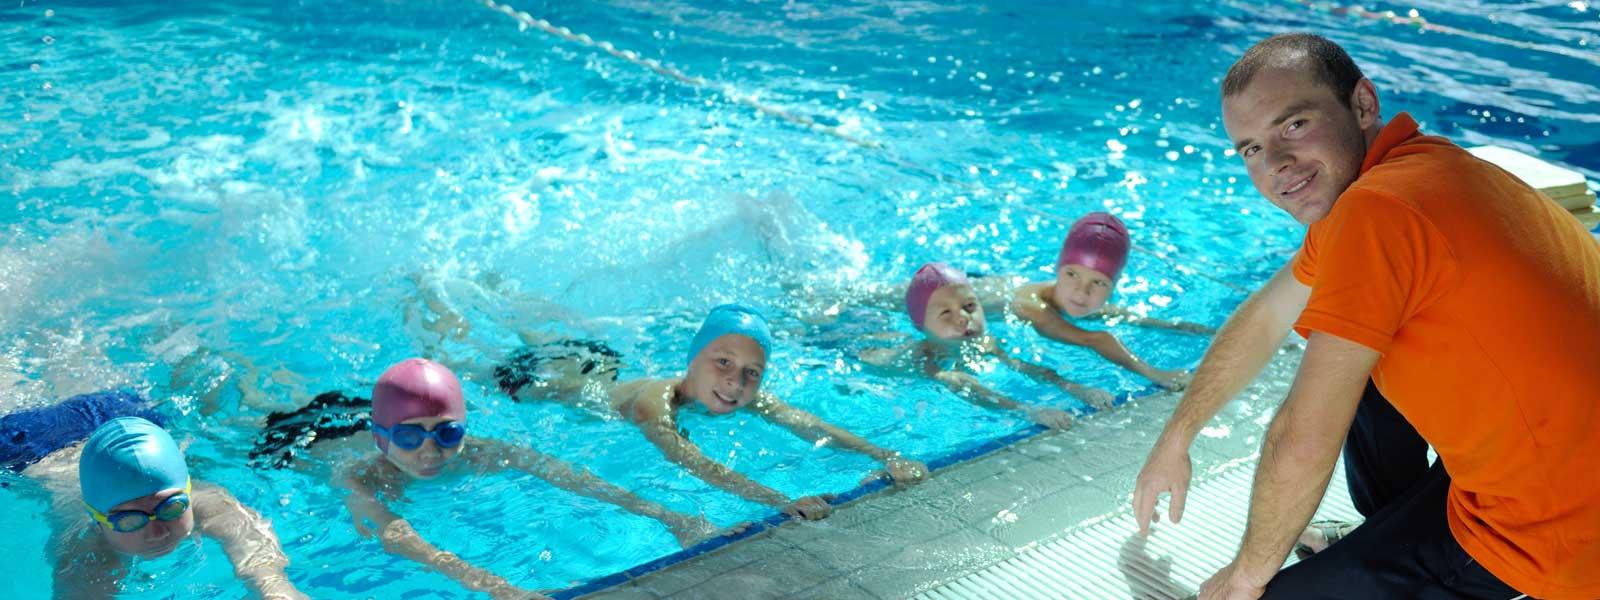 Chương Trình Học Của Giáo Viên Dạy Bơi Kèm Riêng Của Đăng Minh